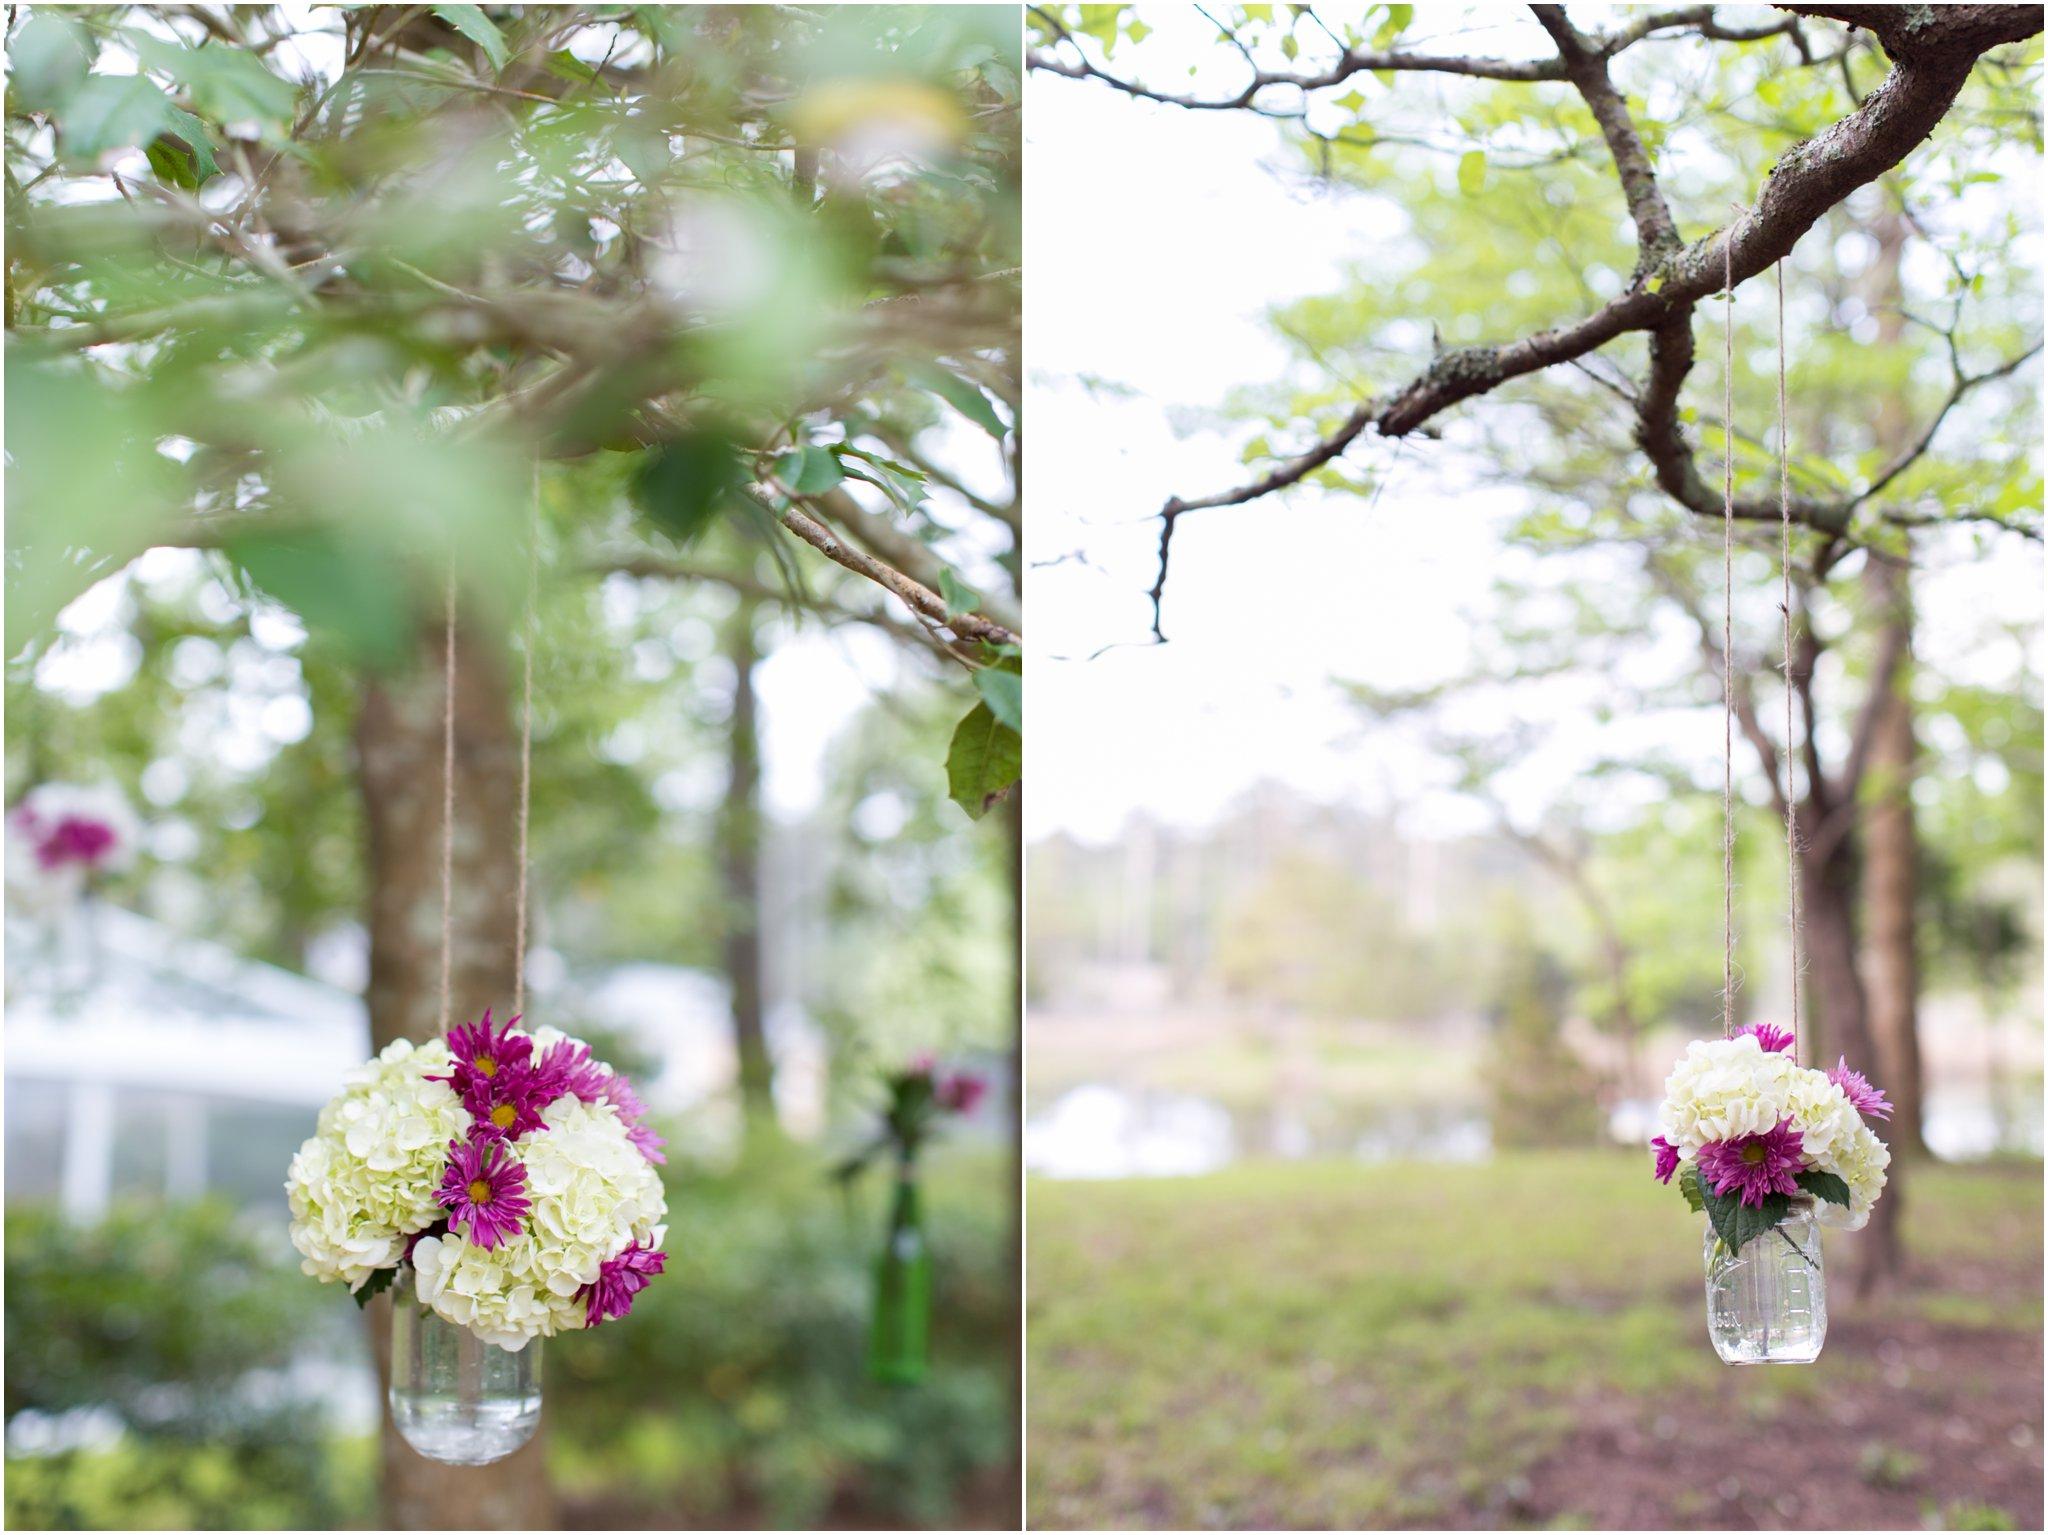 Jessicaryanphotography_virginiabeachwedding_virginiaweddingphotographer_weddingdetails_weddingjewelry_weddingdecorations_0436